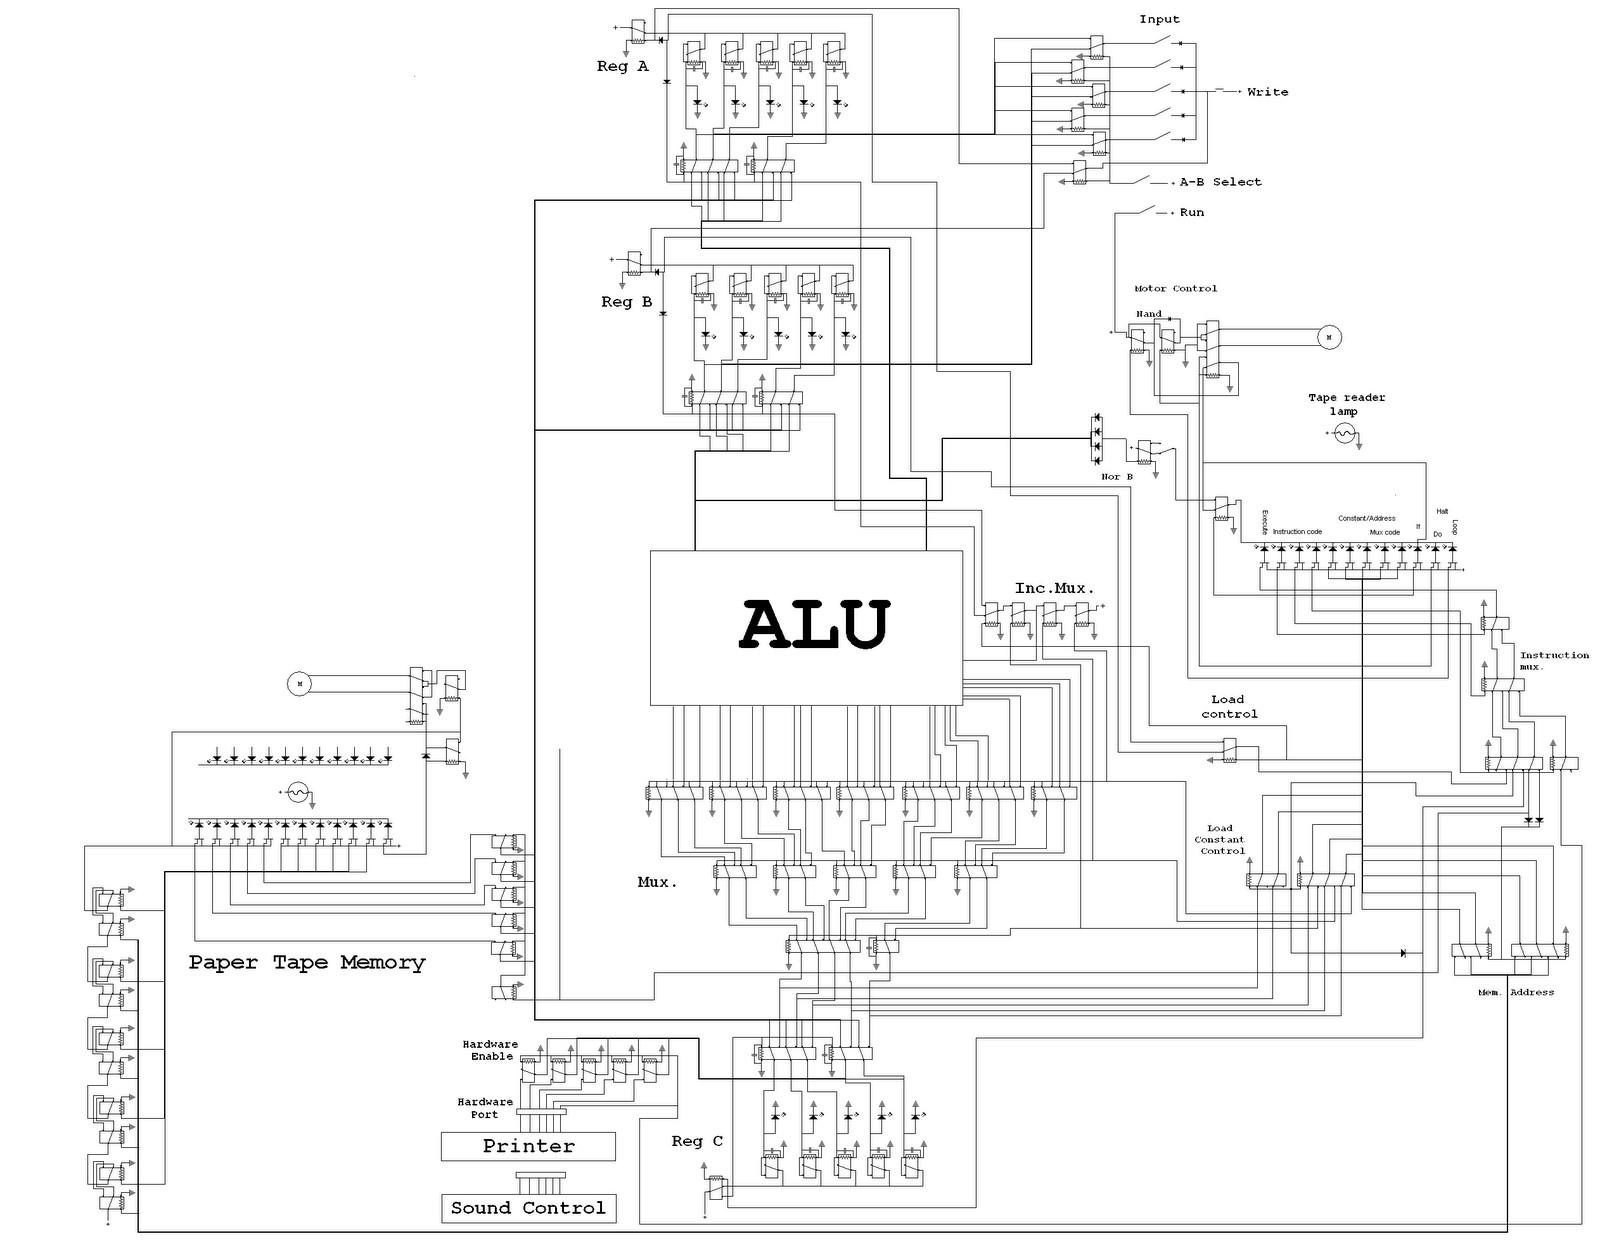 8 bit alu circuit diagram